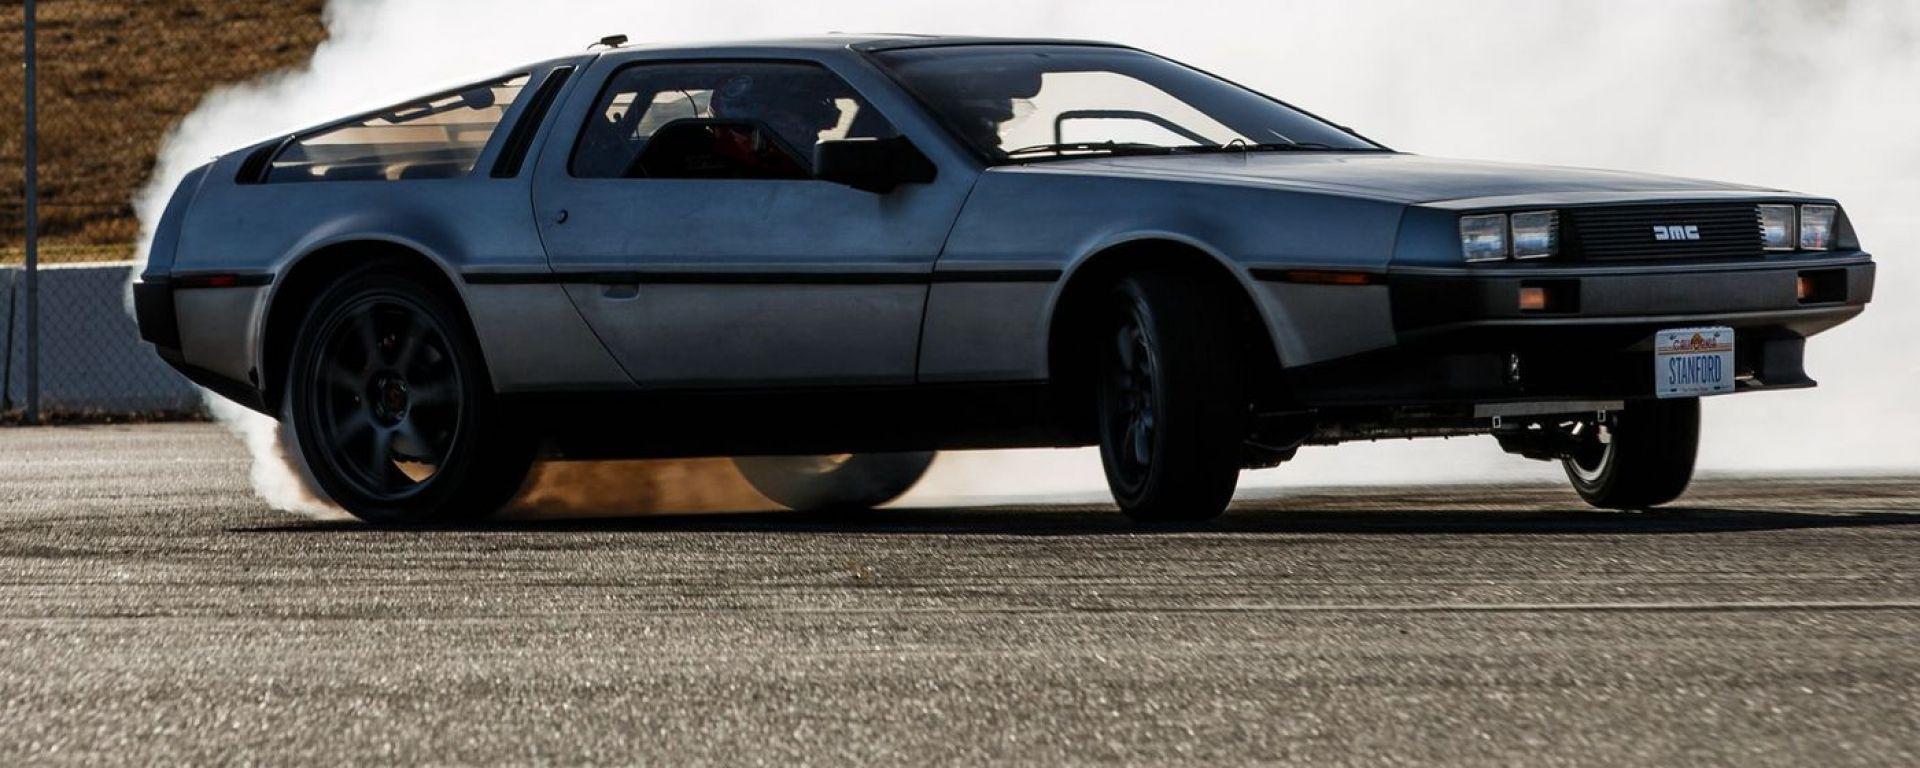 Drifting in DeLorean. Ma non è come pensate...